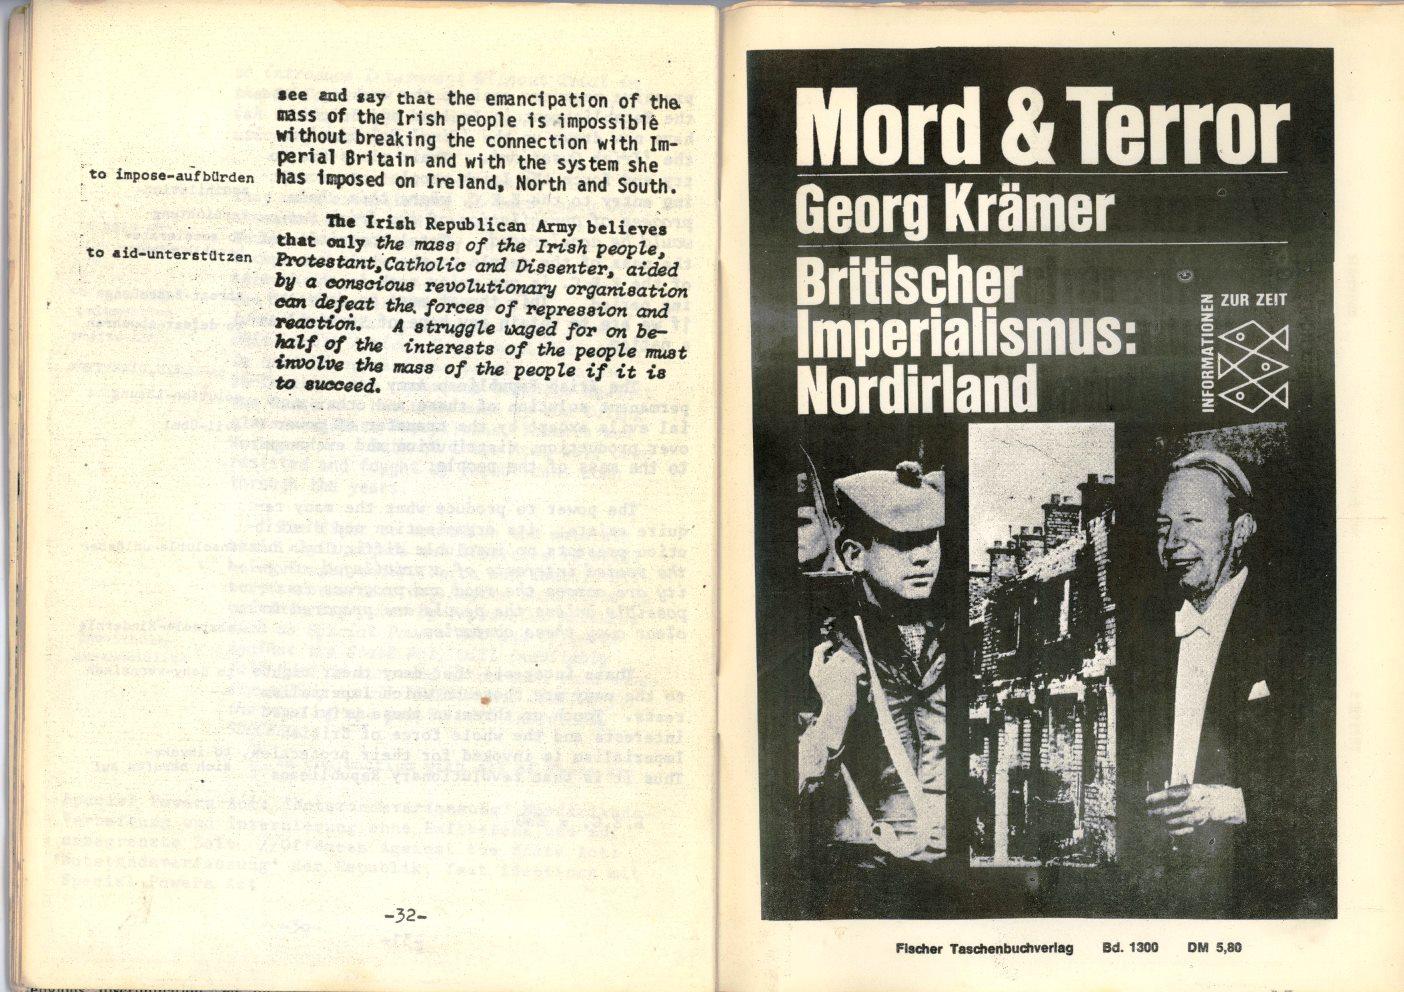 Berlin_Druckcooperative_1972_IRA_speaks_19